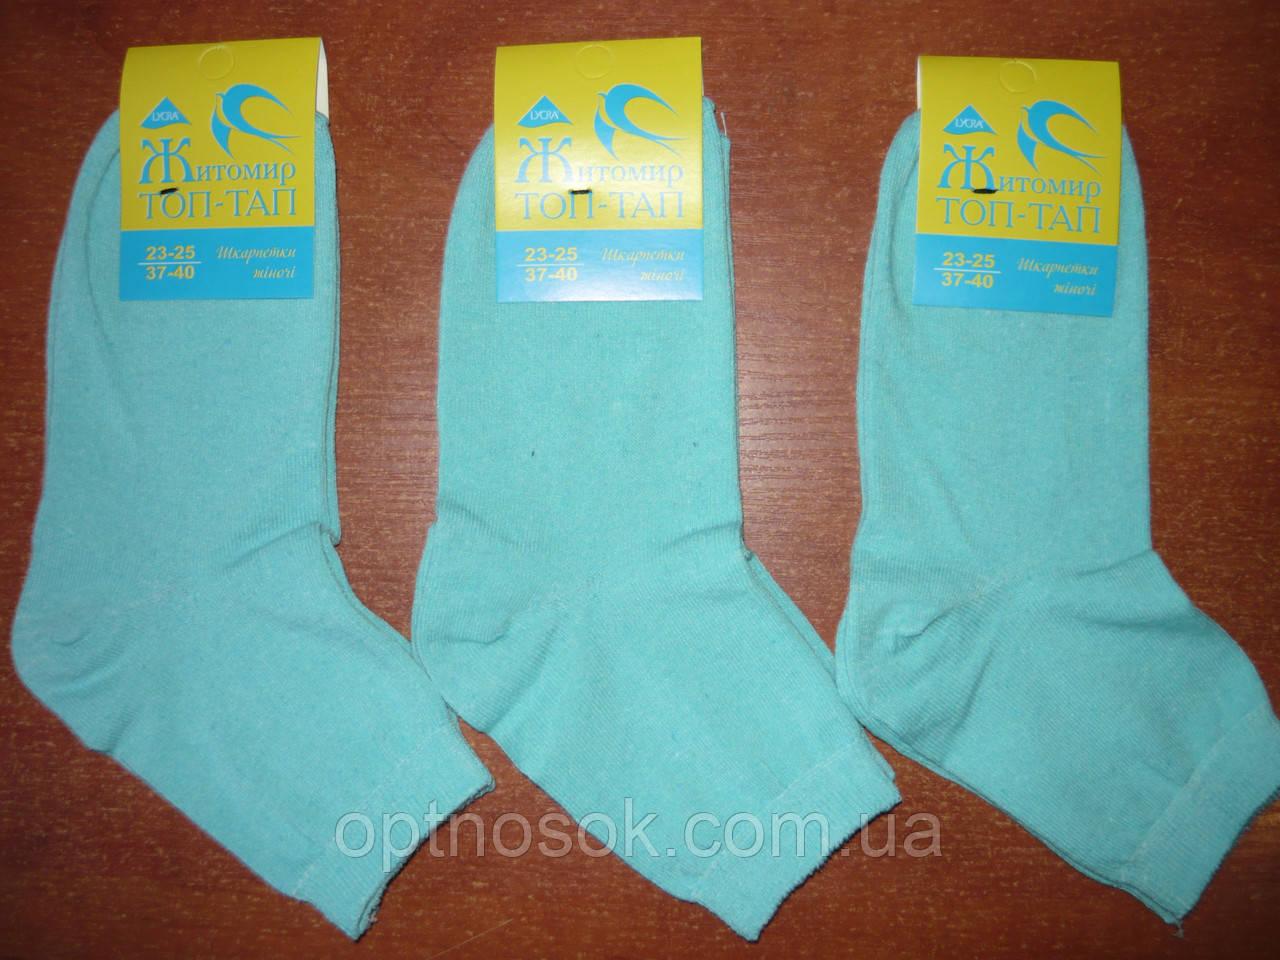 """Женские носки """"Топ-Тап"""". р. 23-25 (37-40). Хлопок. Голубой"""